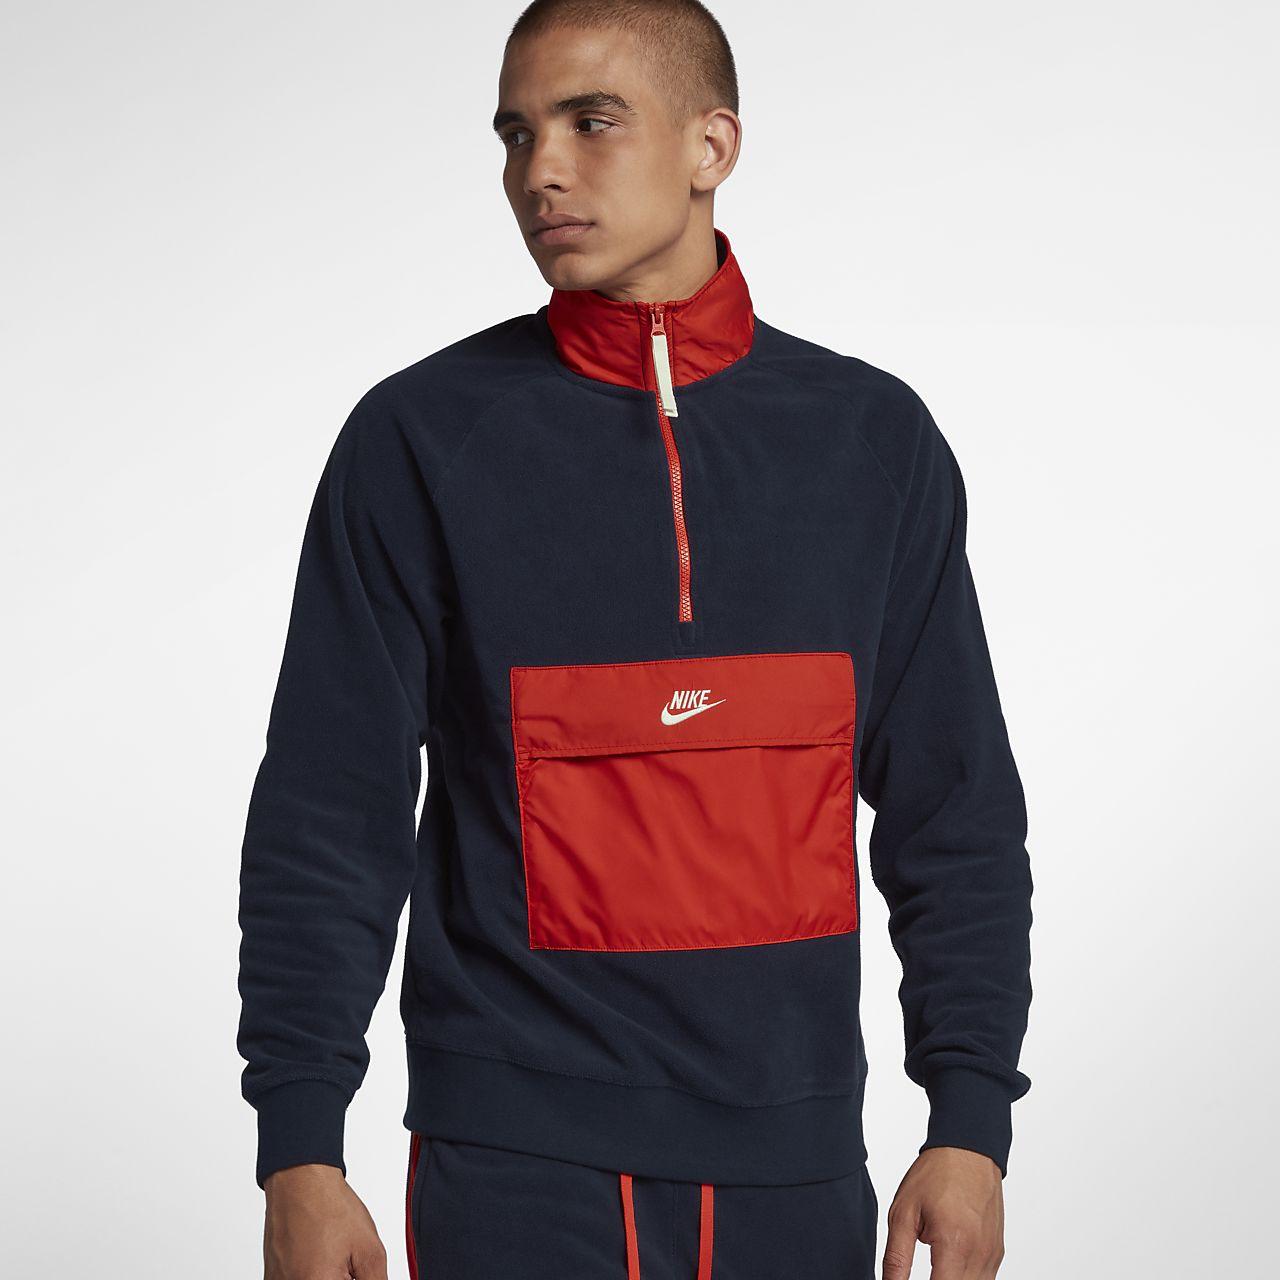 Nike Sportswear Herren-Oberteil mit Halbreißverschluss